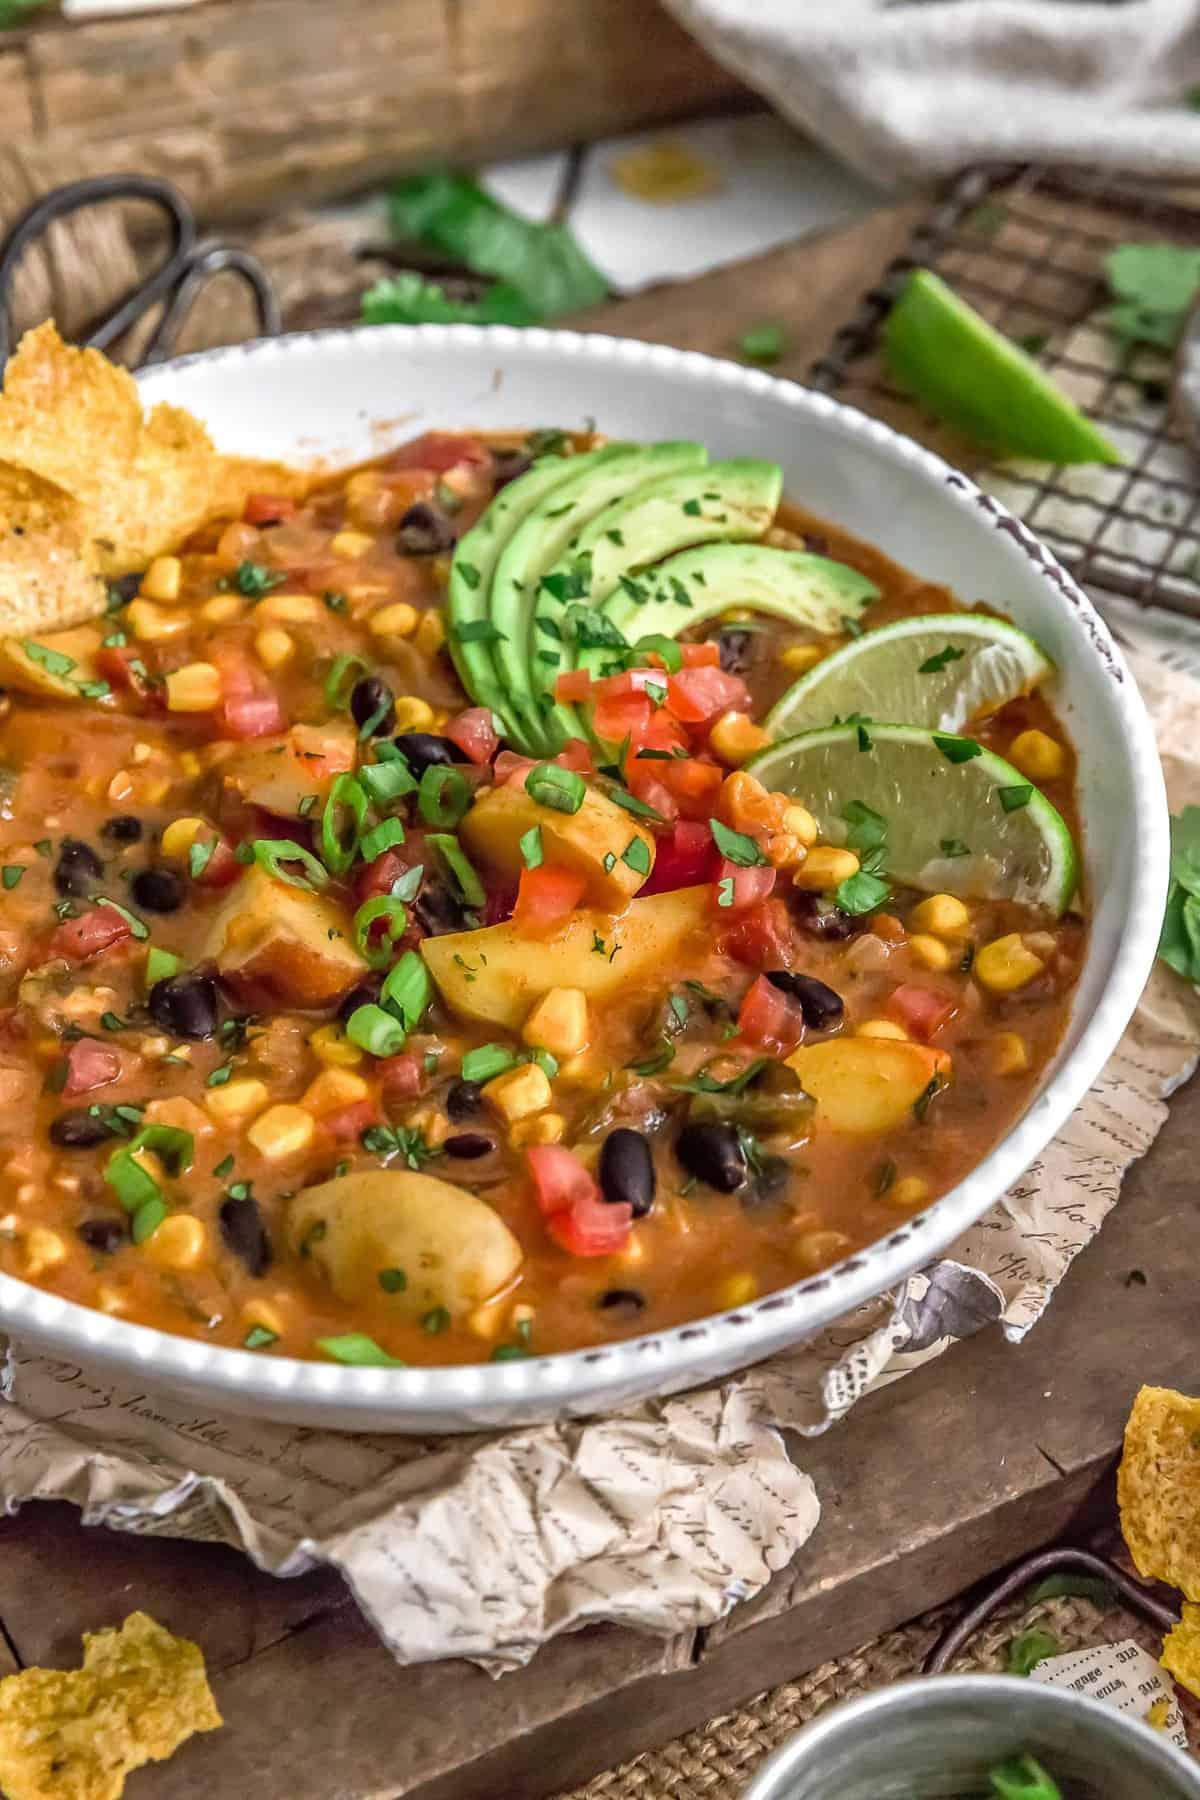 Bowl of Roasted Poblano Potato Stew